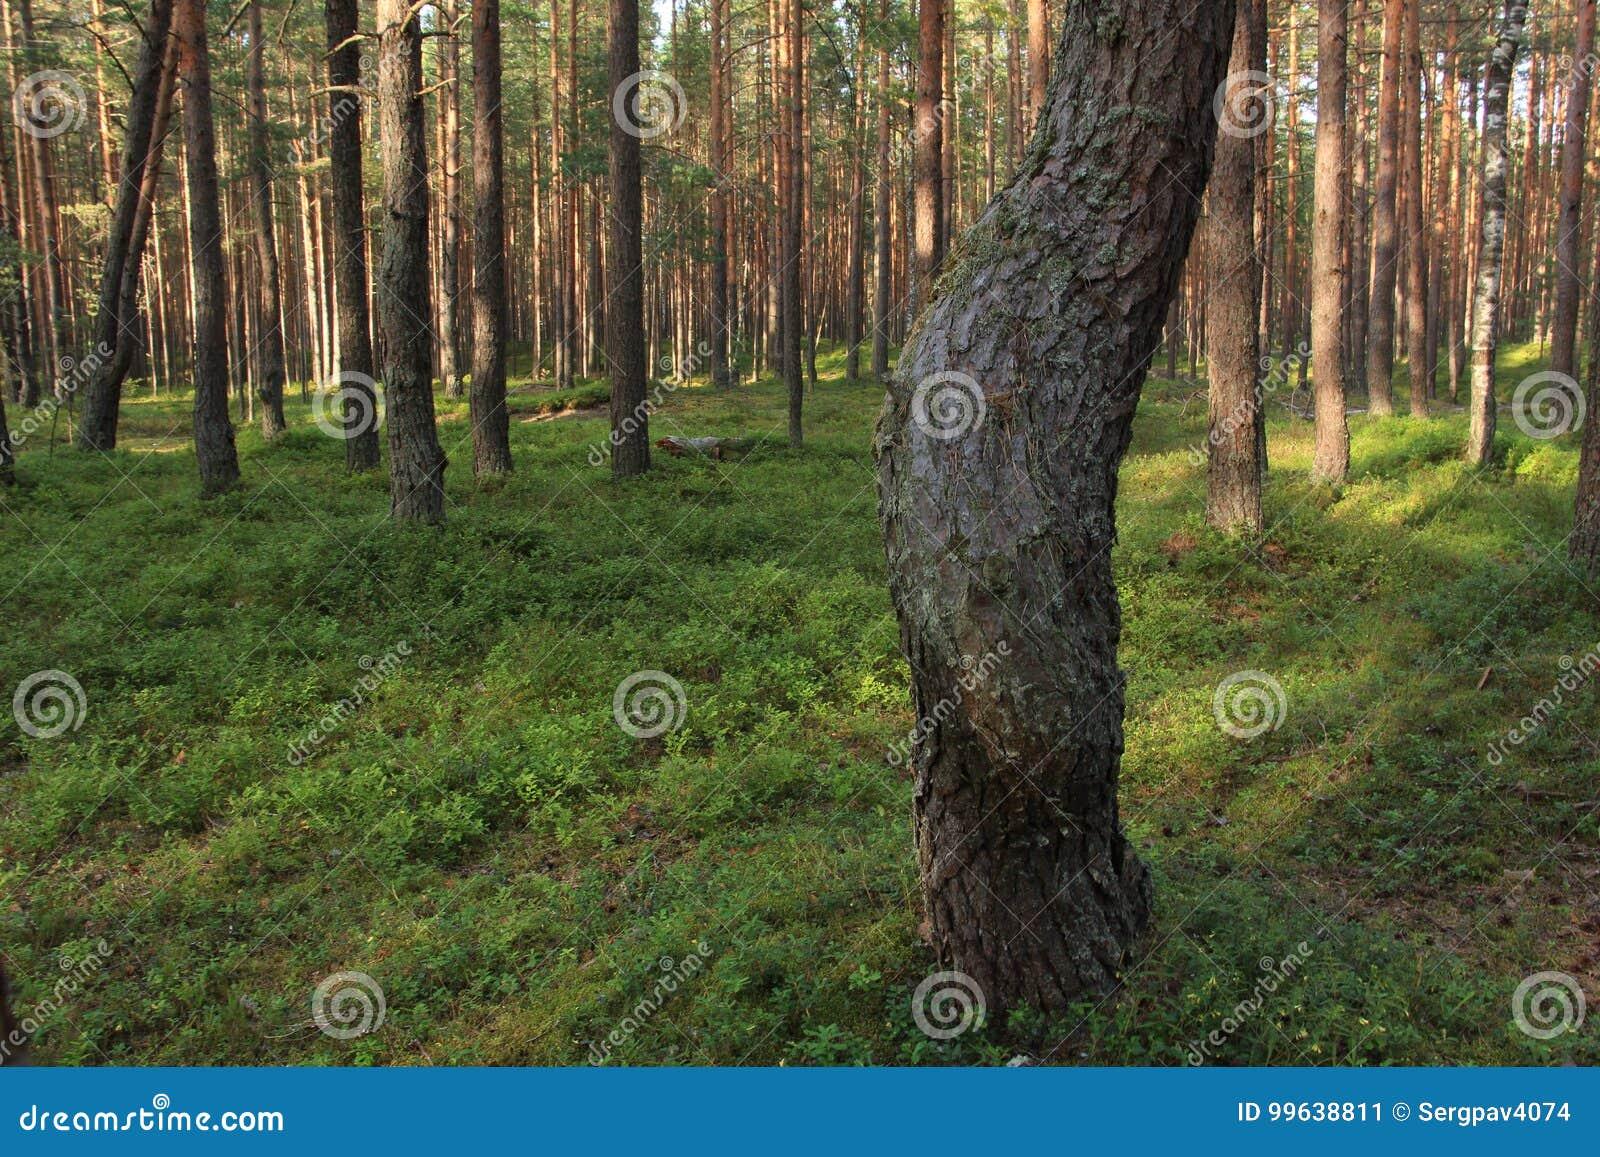 树干的曲线